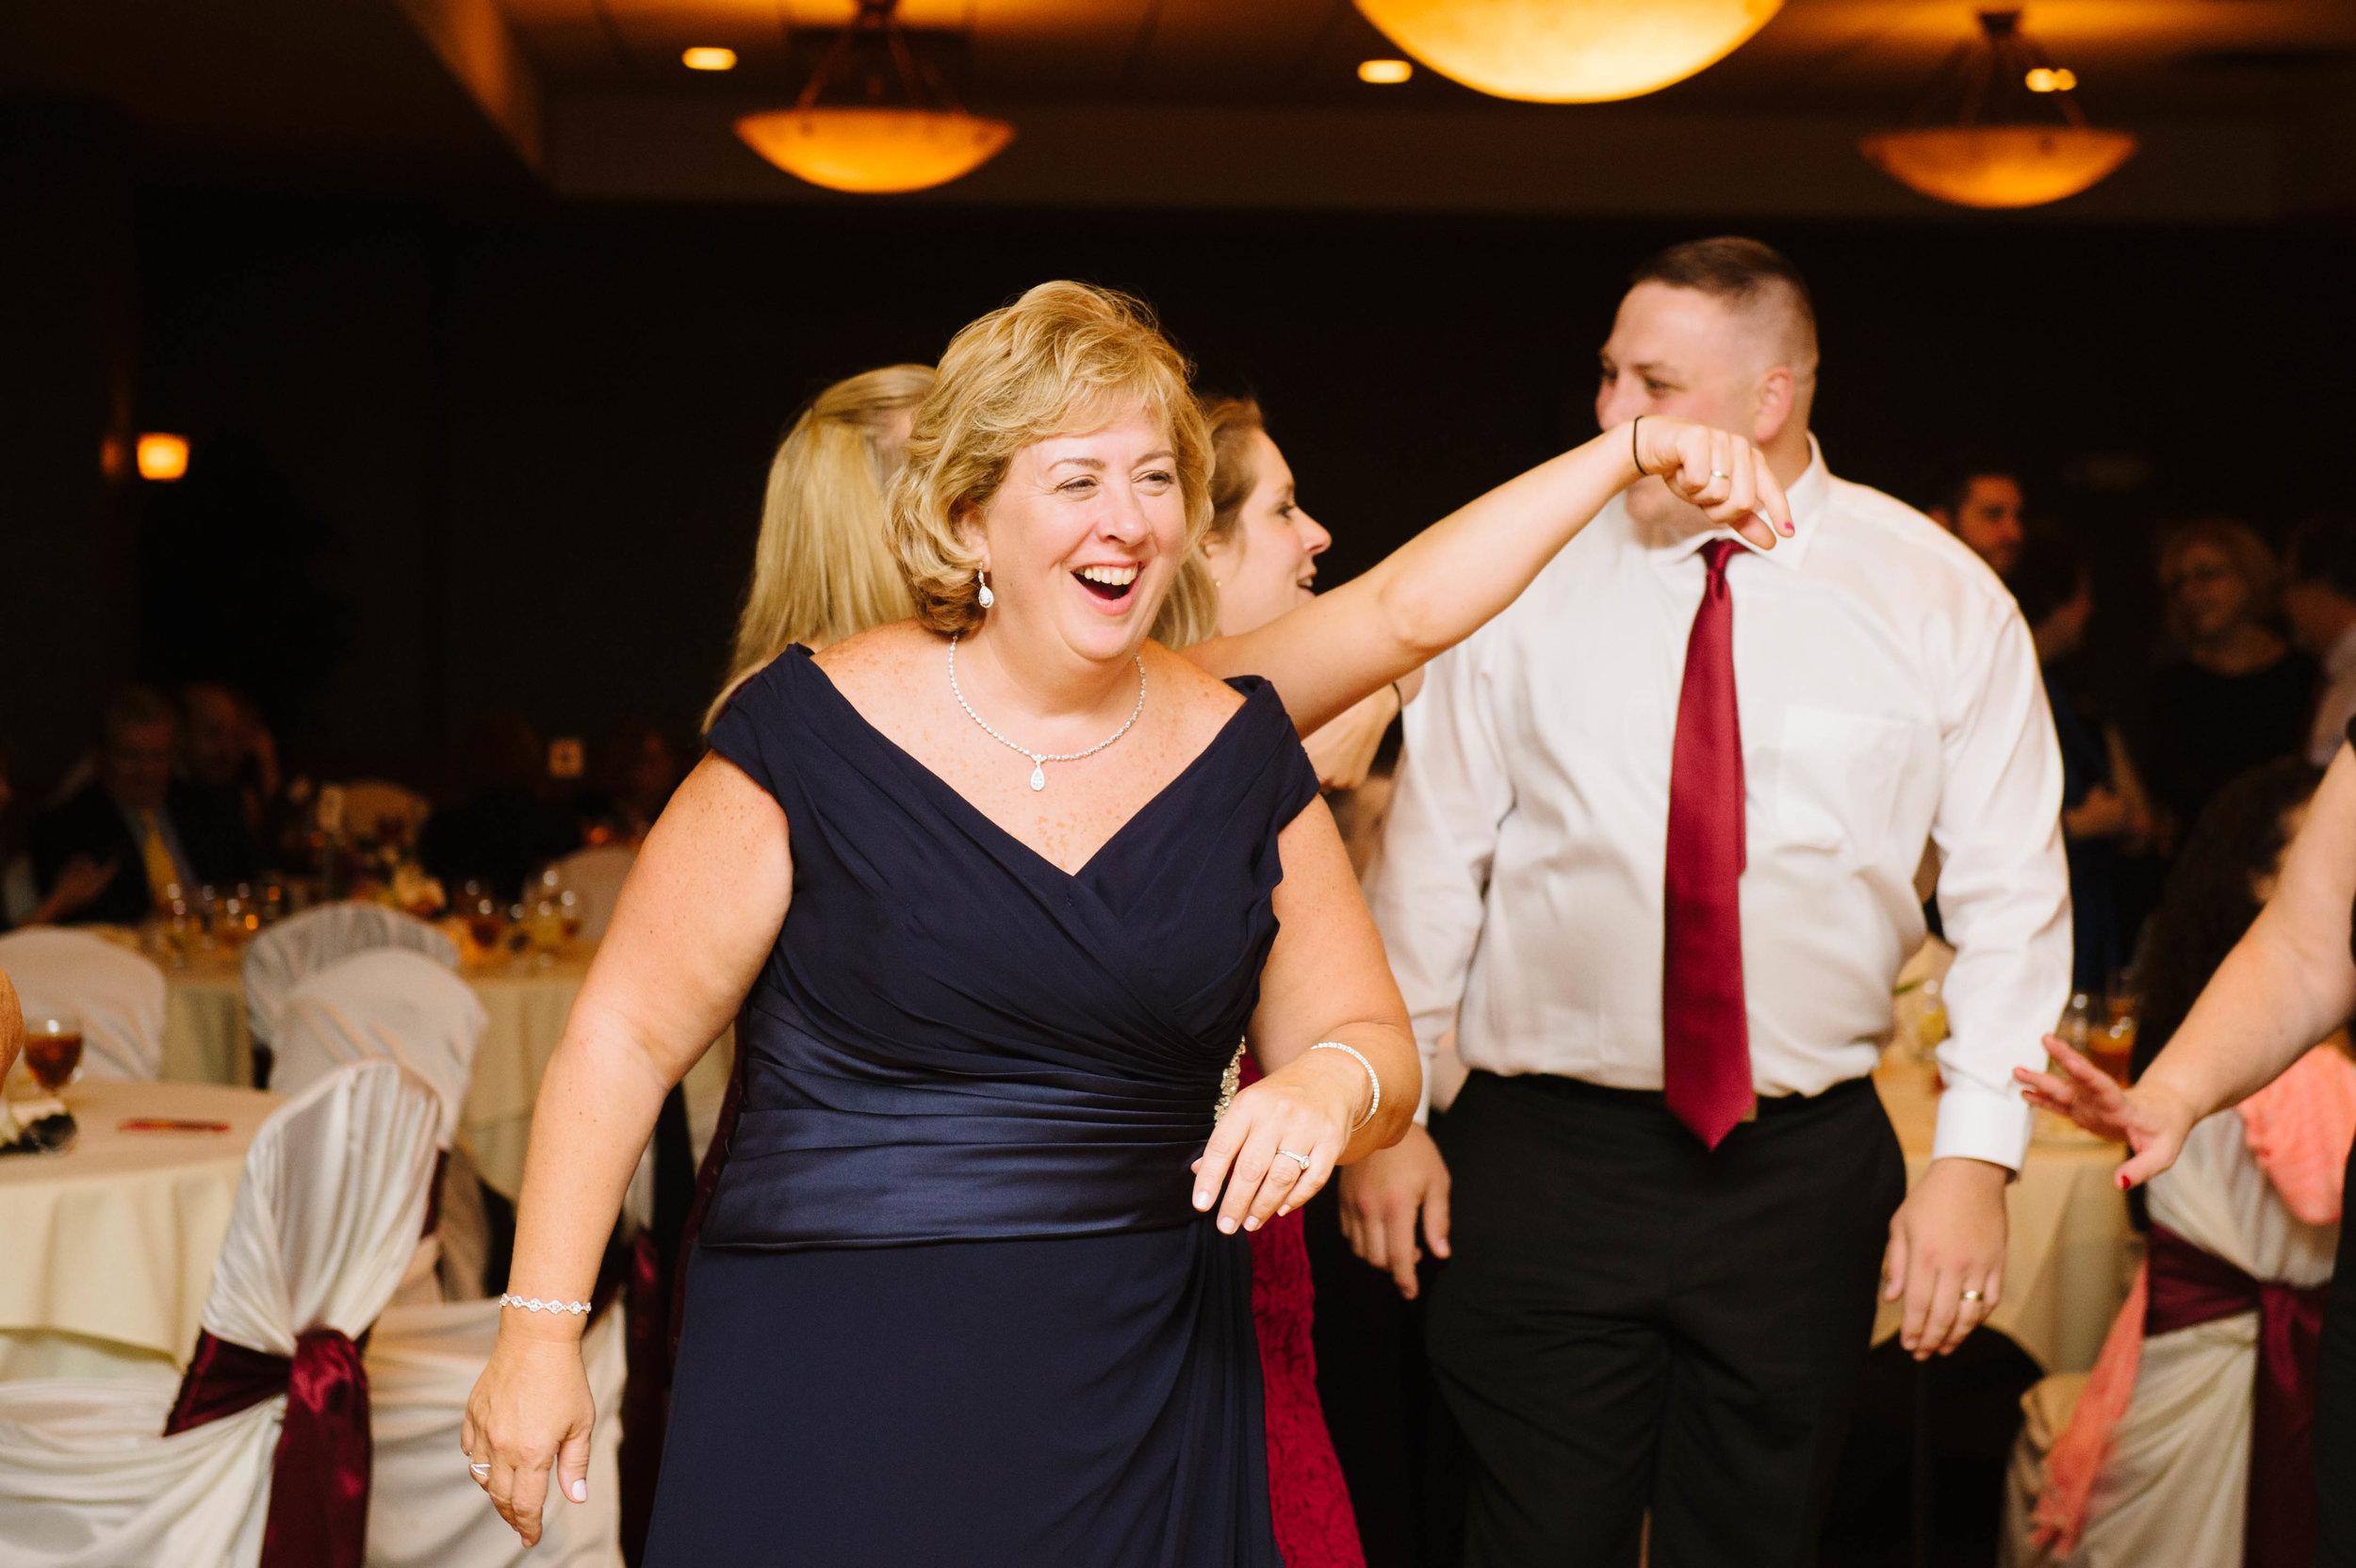 Candid-Wedding-Photography-Massachusetts030.jpg